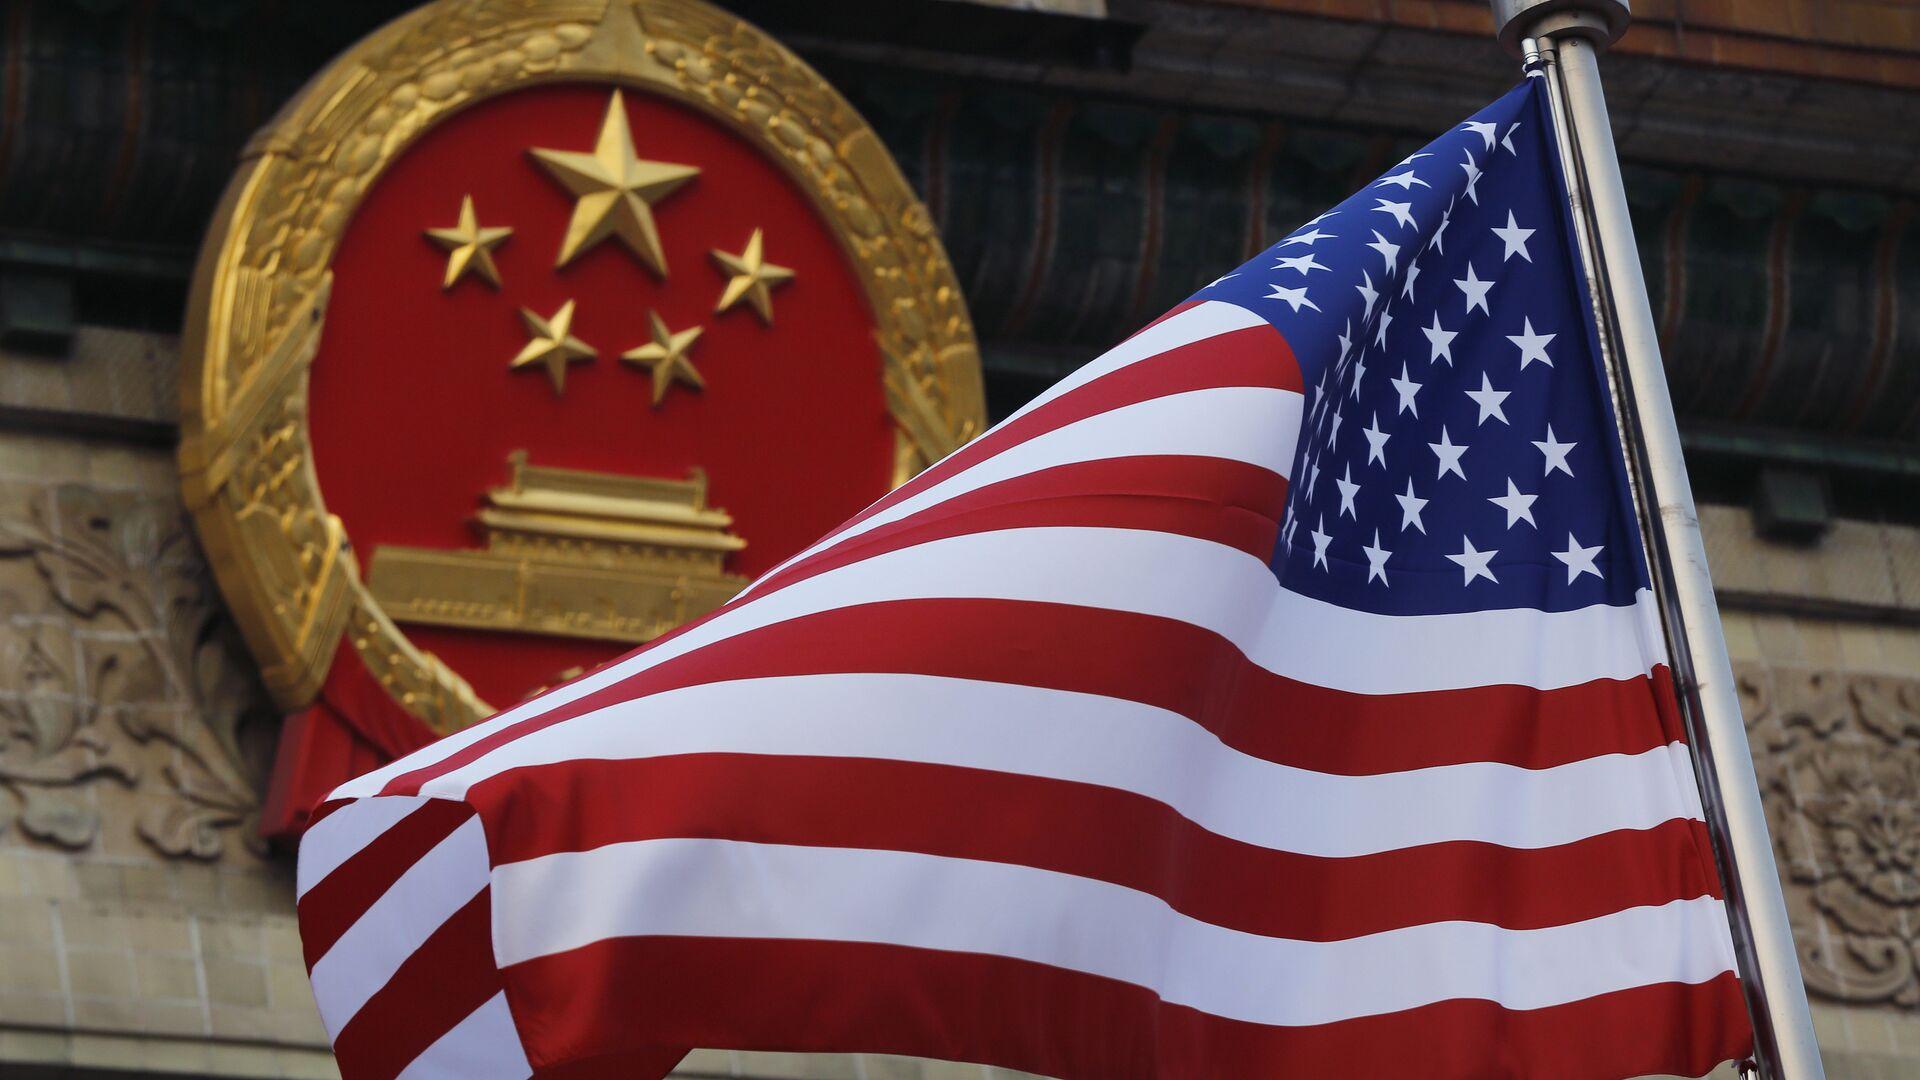 Флаг США на фоне эмблемы Китая в Пекине - РИА Новости, 1920, 03.03.2021